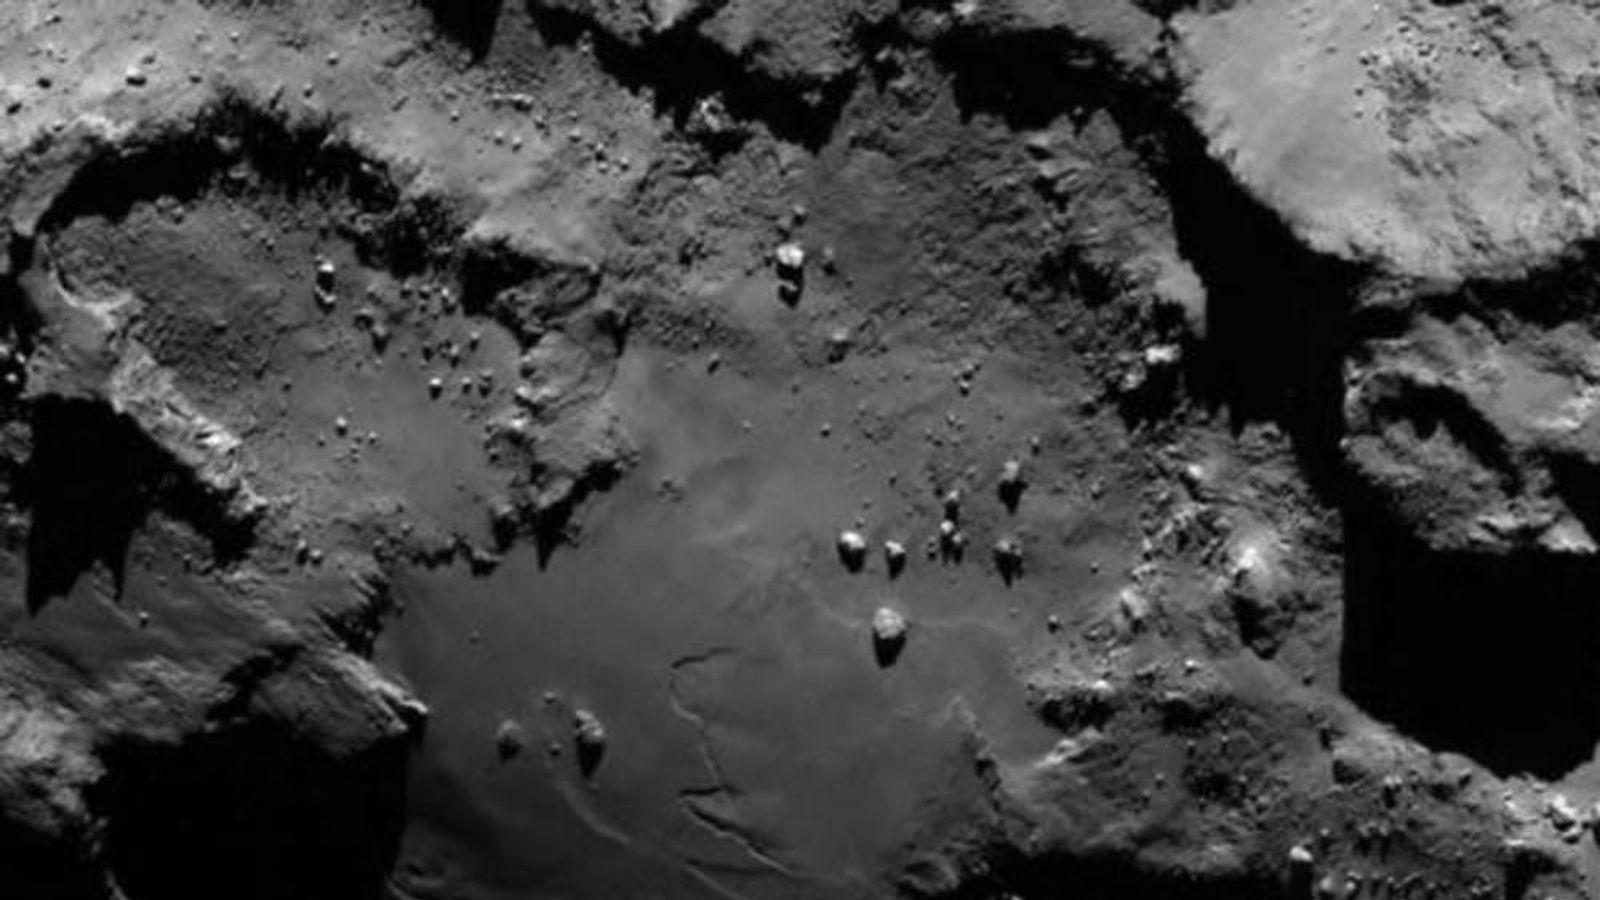 The 67P/Churyumov-Gerasimenko comet as shot from the Rosetta probe.